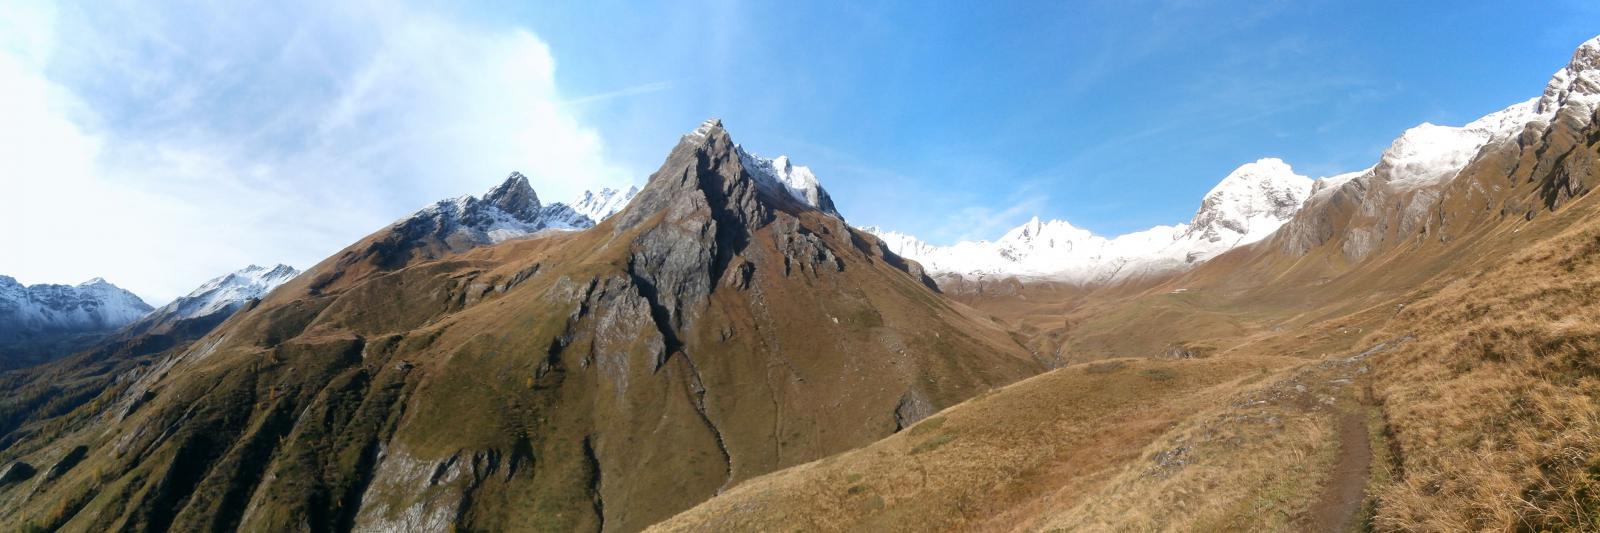 sull'alta via n.1 .nel vallone della Tsa des Merdeux...